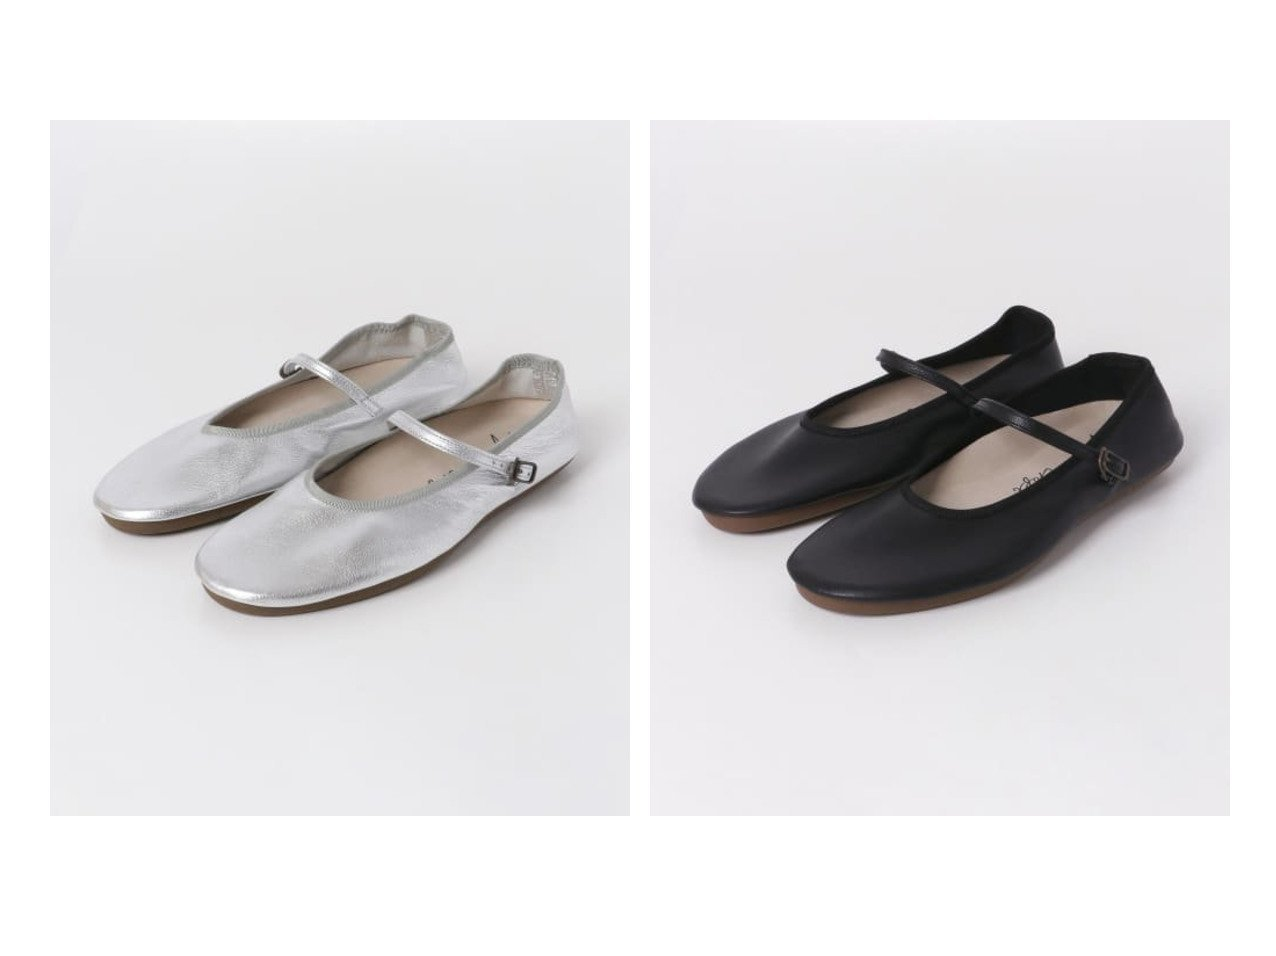 【kagure / URBAN RESEARCH/かぐれ】のspace craft strap shoes URBAN RESEARCHのおすすめ!人気、トレンド・レディースファッションの通販 おすすめで人気の流行・トレンド、ファッションの通販商品 メンズファッション・キッズファッション・インテリア・家具・レディースファッション・服の通販 founy(ファニー) https://founy.com/ ファッション Fashion レディースファッション WOMEN シューズ シンプル トレンド フラット ラップ NEW・新作・新着・新入荷 New Arrivals  ID:crp329100000020034